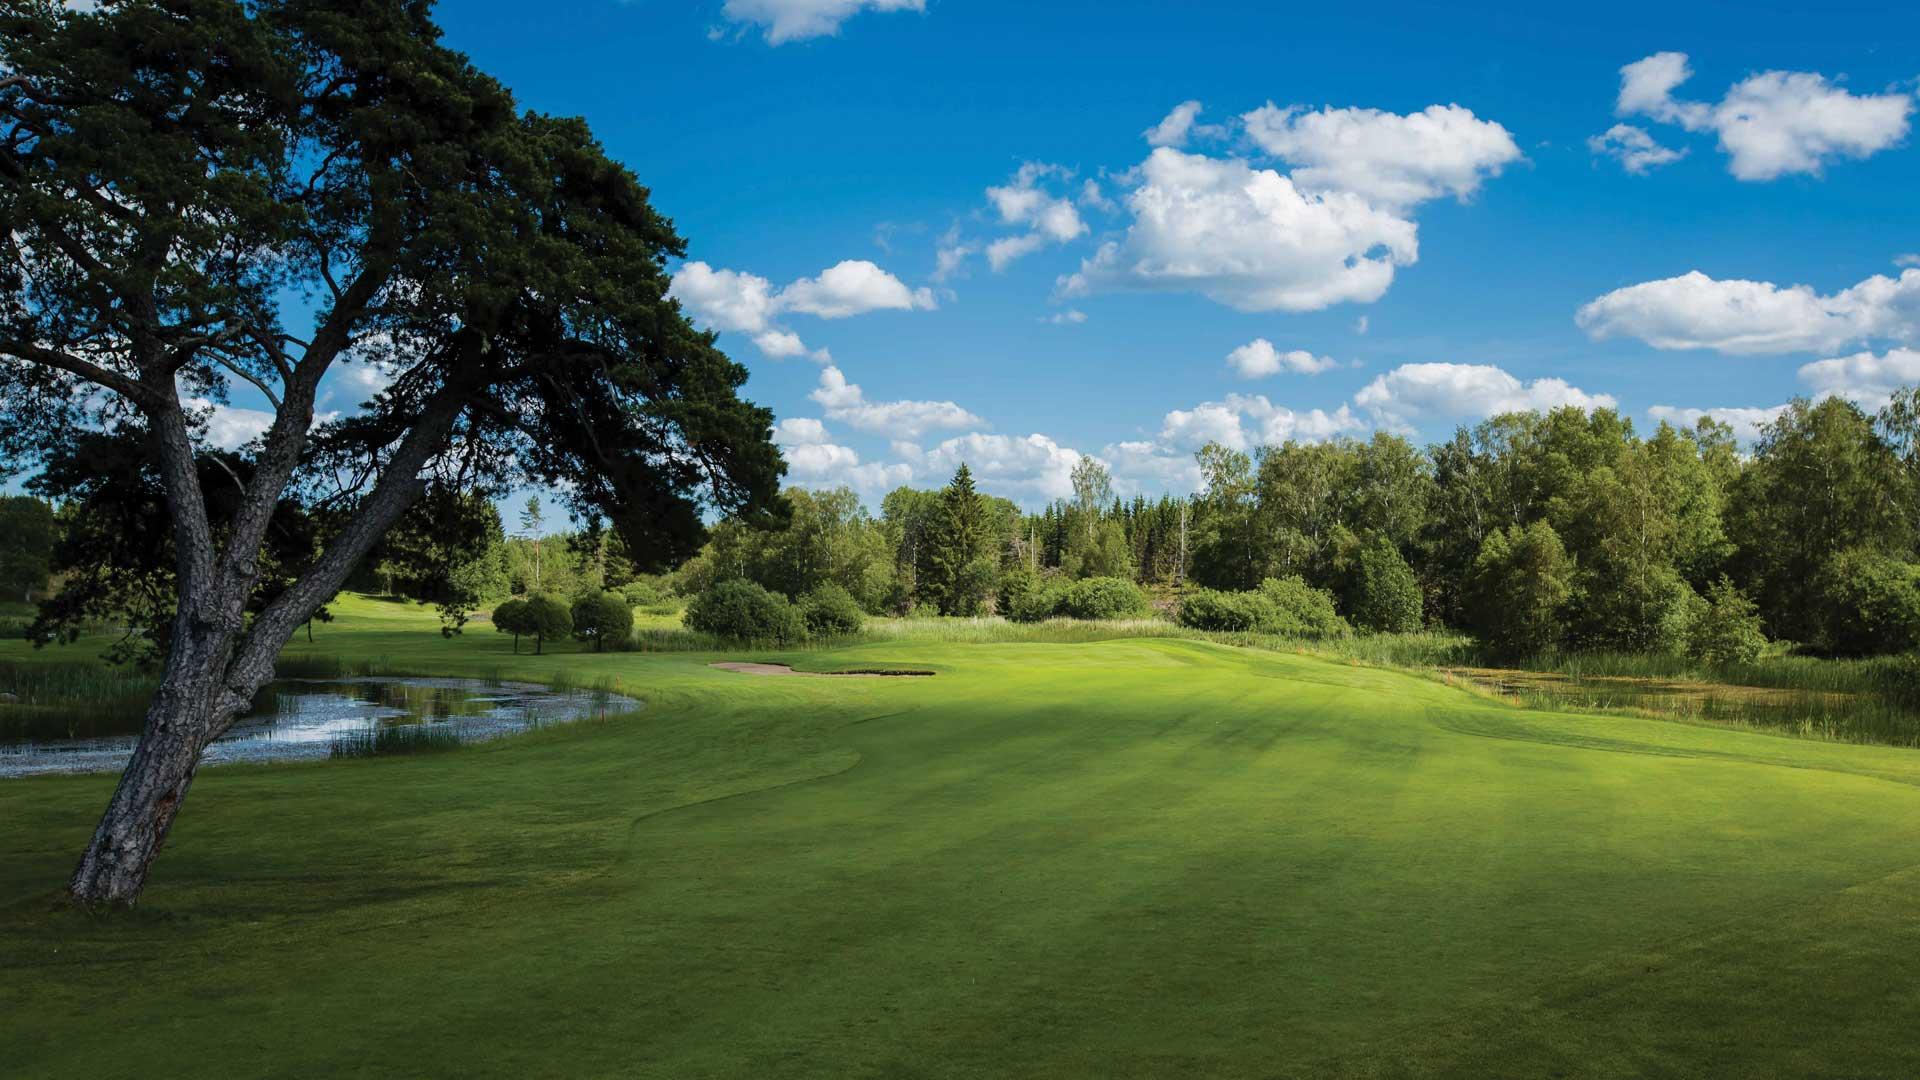 Golf i MellanSverige - Golfklubbar MellanSverige, Mellersta Sverige